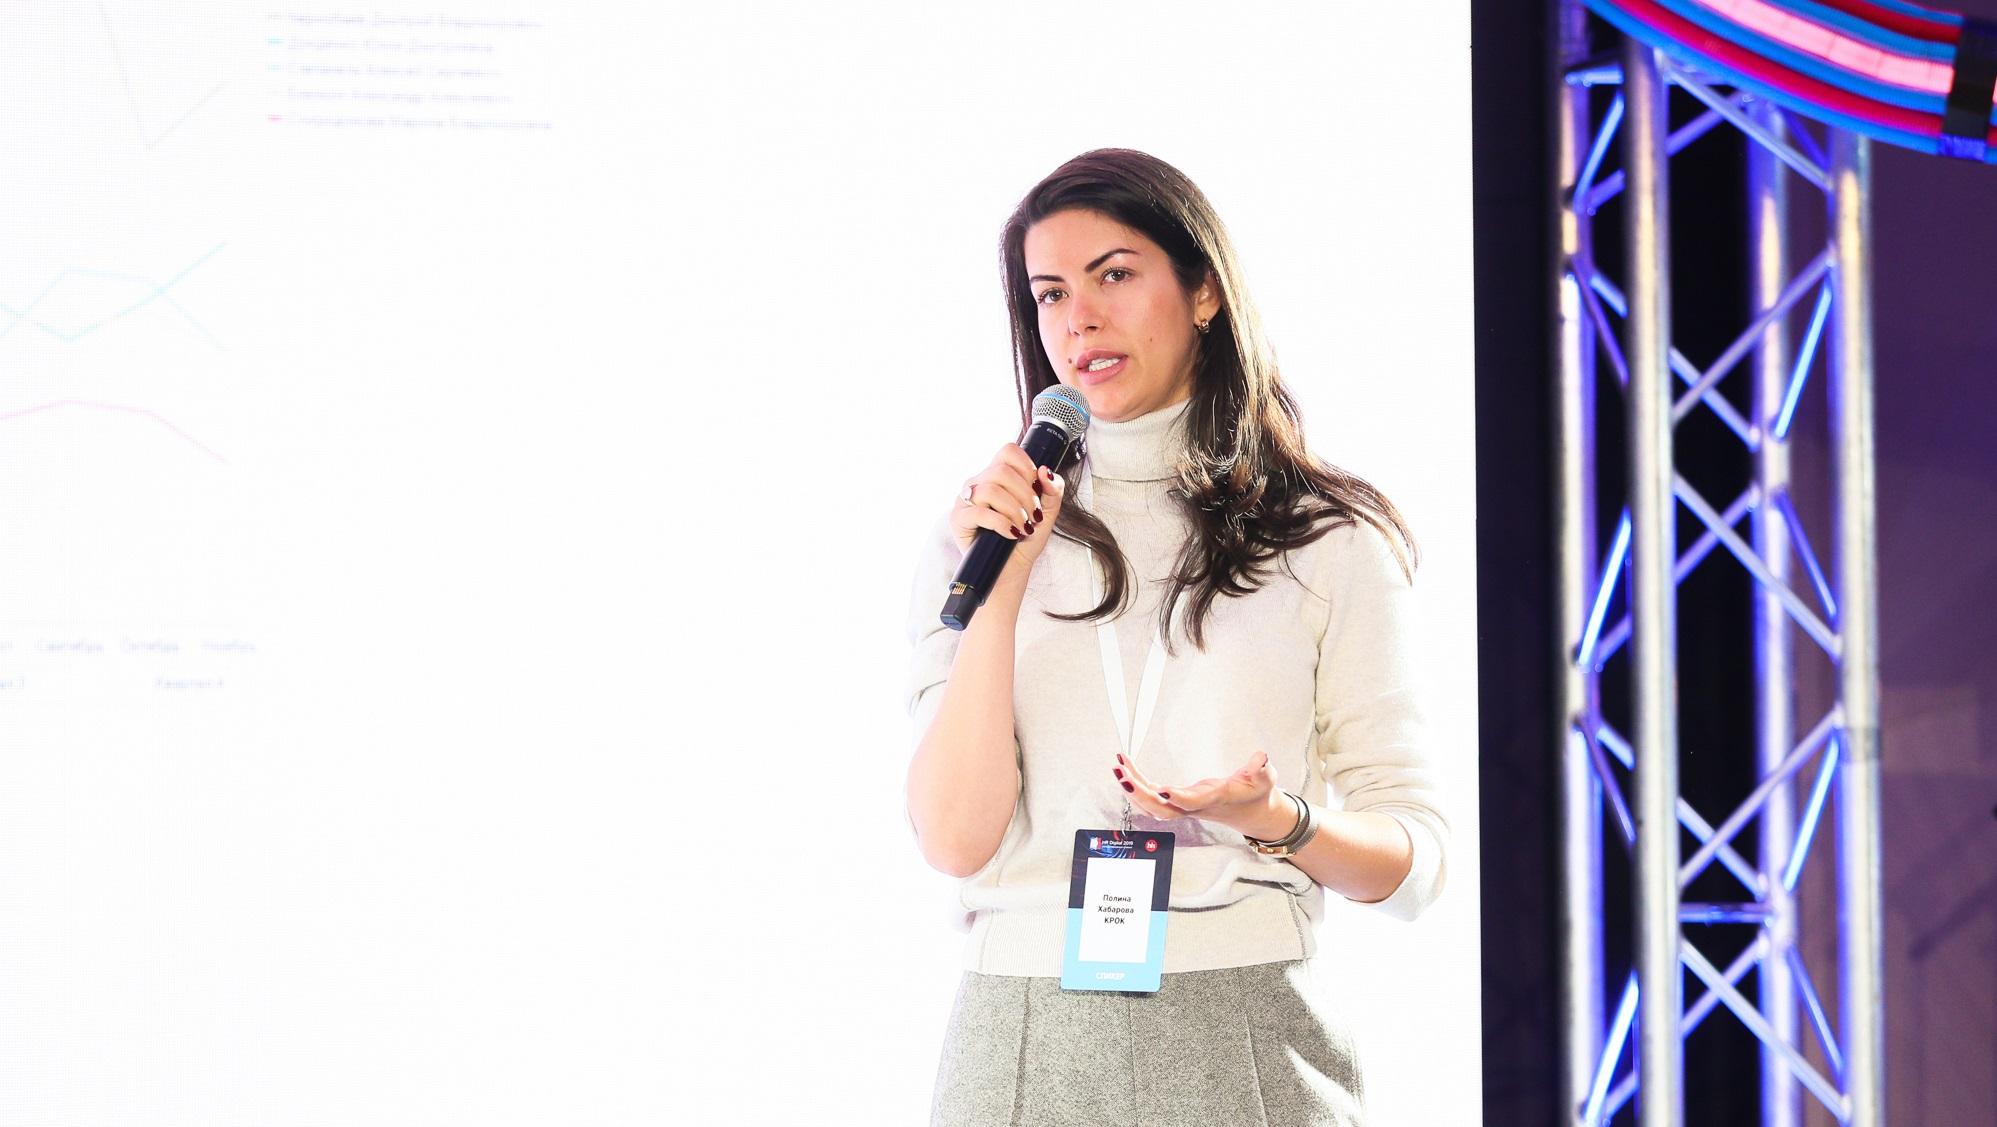 О чем говорили на саммите HR Digital 2019: несколько ярких цитат